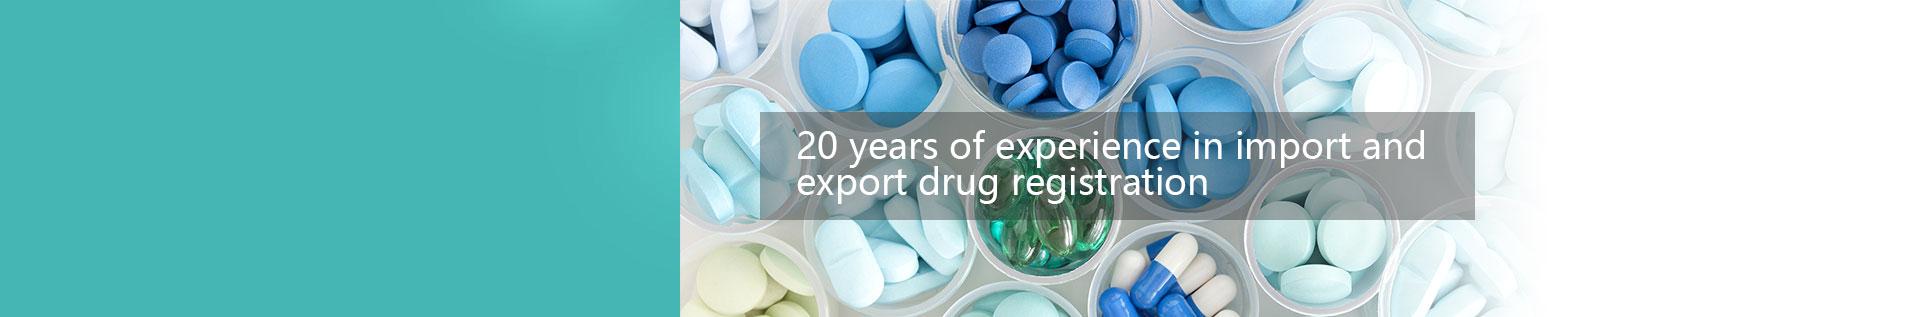 18年进出口药品注册经验,值得托付